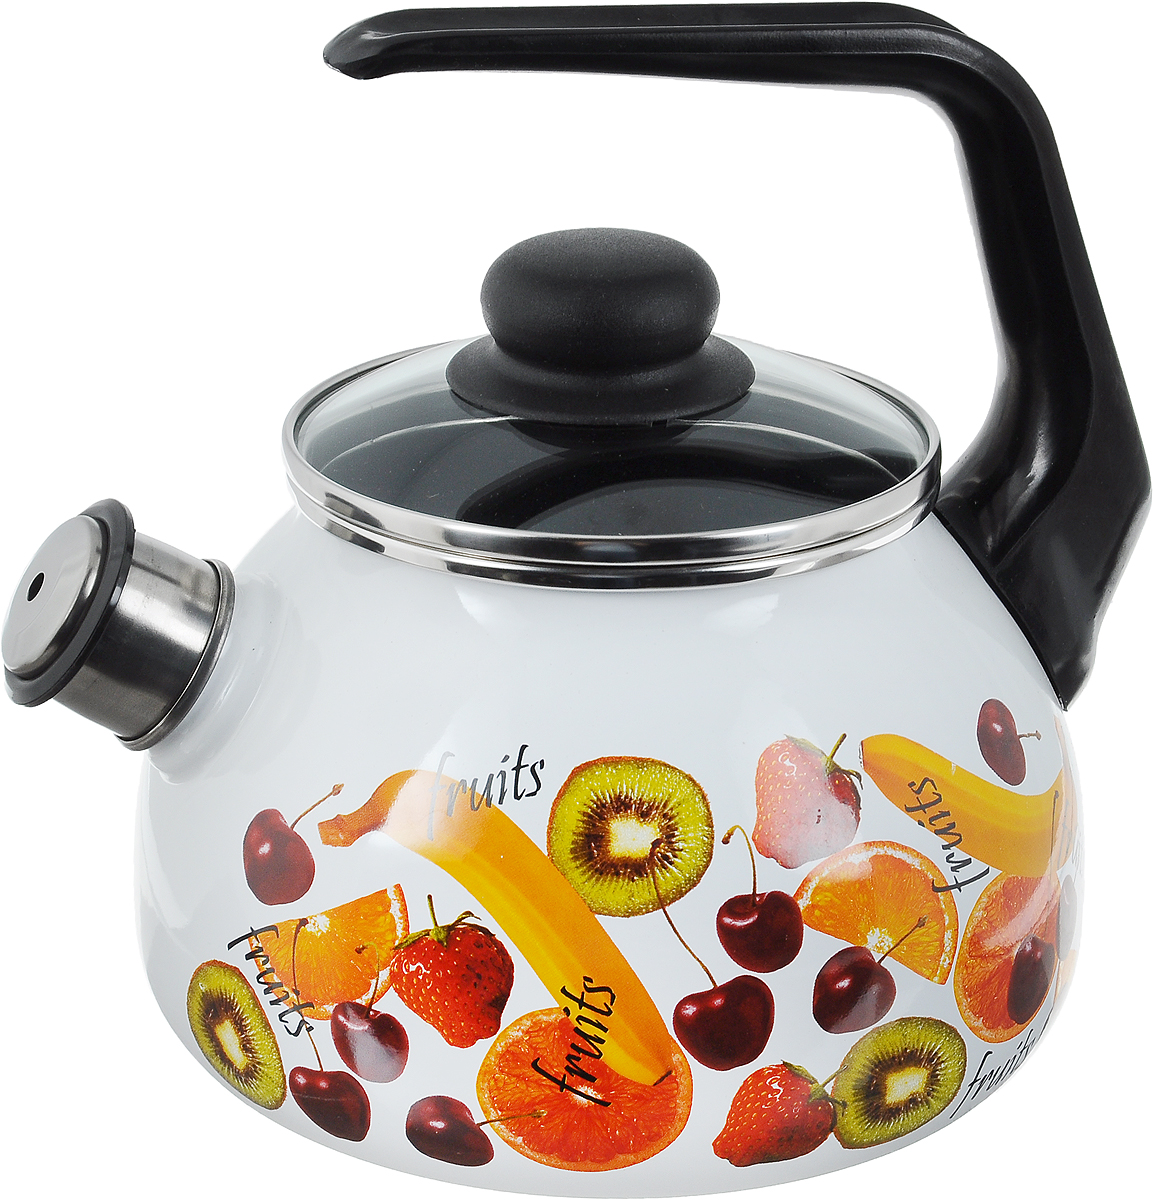 Чайник эмалированный Vitross Fruits, со свистком, 2 л1RA12Чайник Vitross Fruits выполнен из высококачественной стали, что обеспечивает долговечность использования. Внешнее цветное эмалевое покрытие придает приятный внешний вид. Пластиковая фиксированная ручка делает использование чайника очень удобным и безопасным. Чайник снабжен съемным свистком.Можно мыть в посудомоечной машине. Пригоден для всех видов плит, включая индукционные.Диаметр чайника (по верхнему краю): 13 см.Высота чайника (без учета крышки и ручки): 21,5 см.Диаметр основания: 15 см.